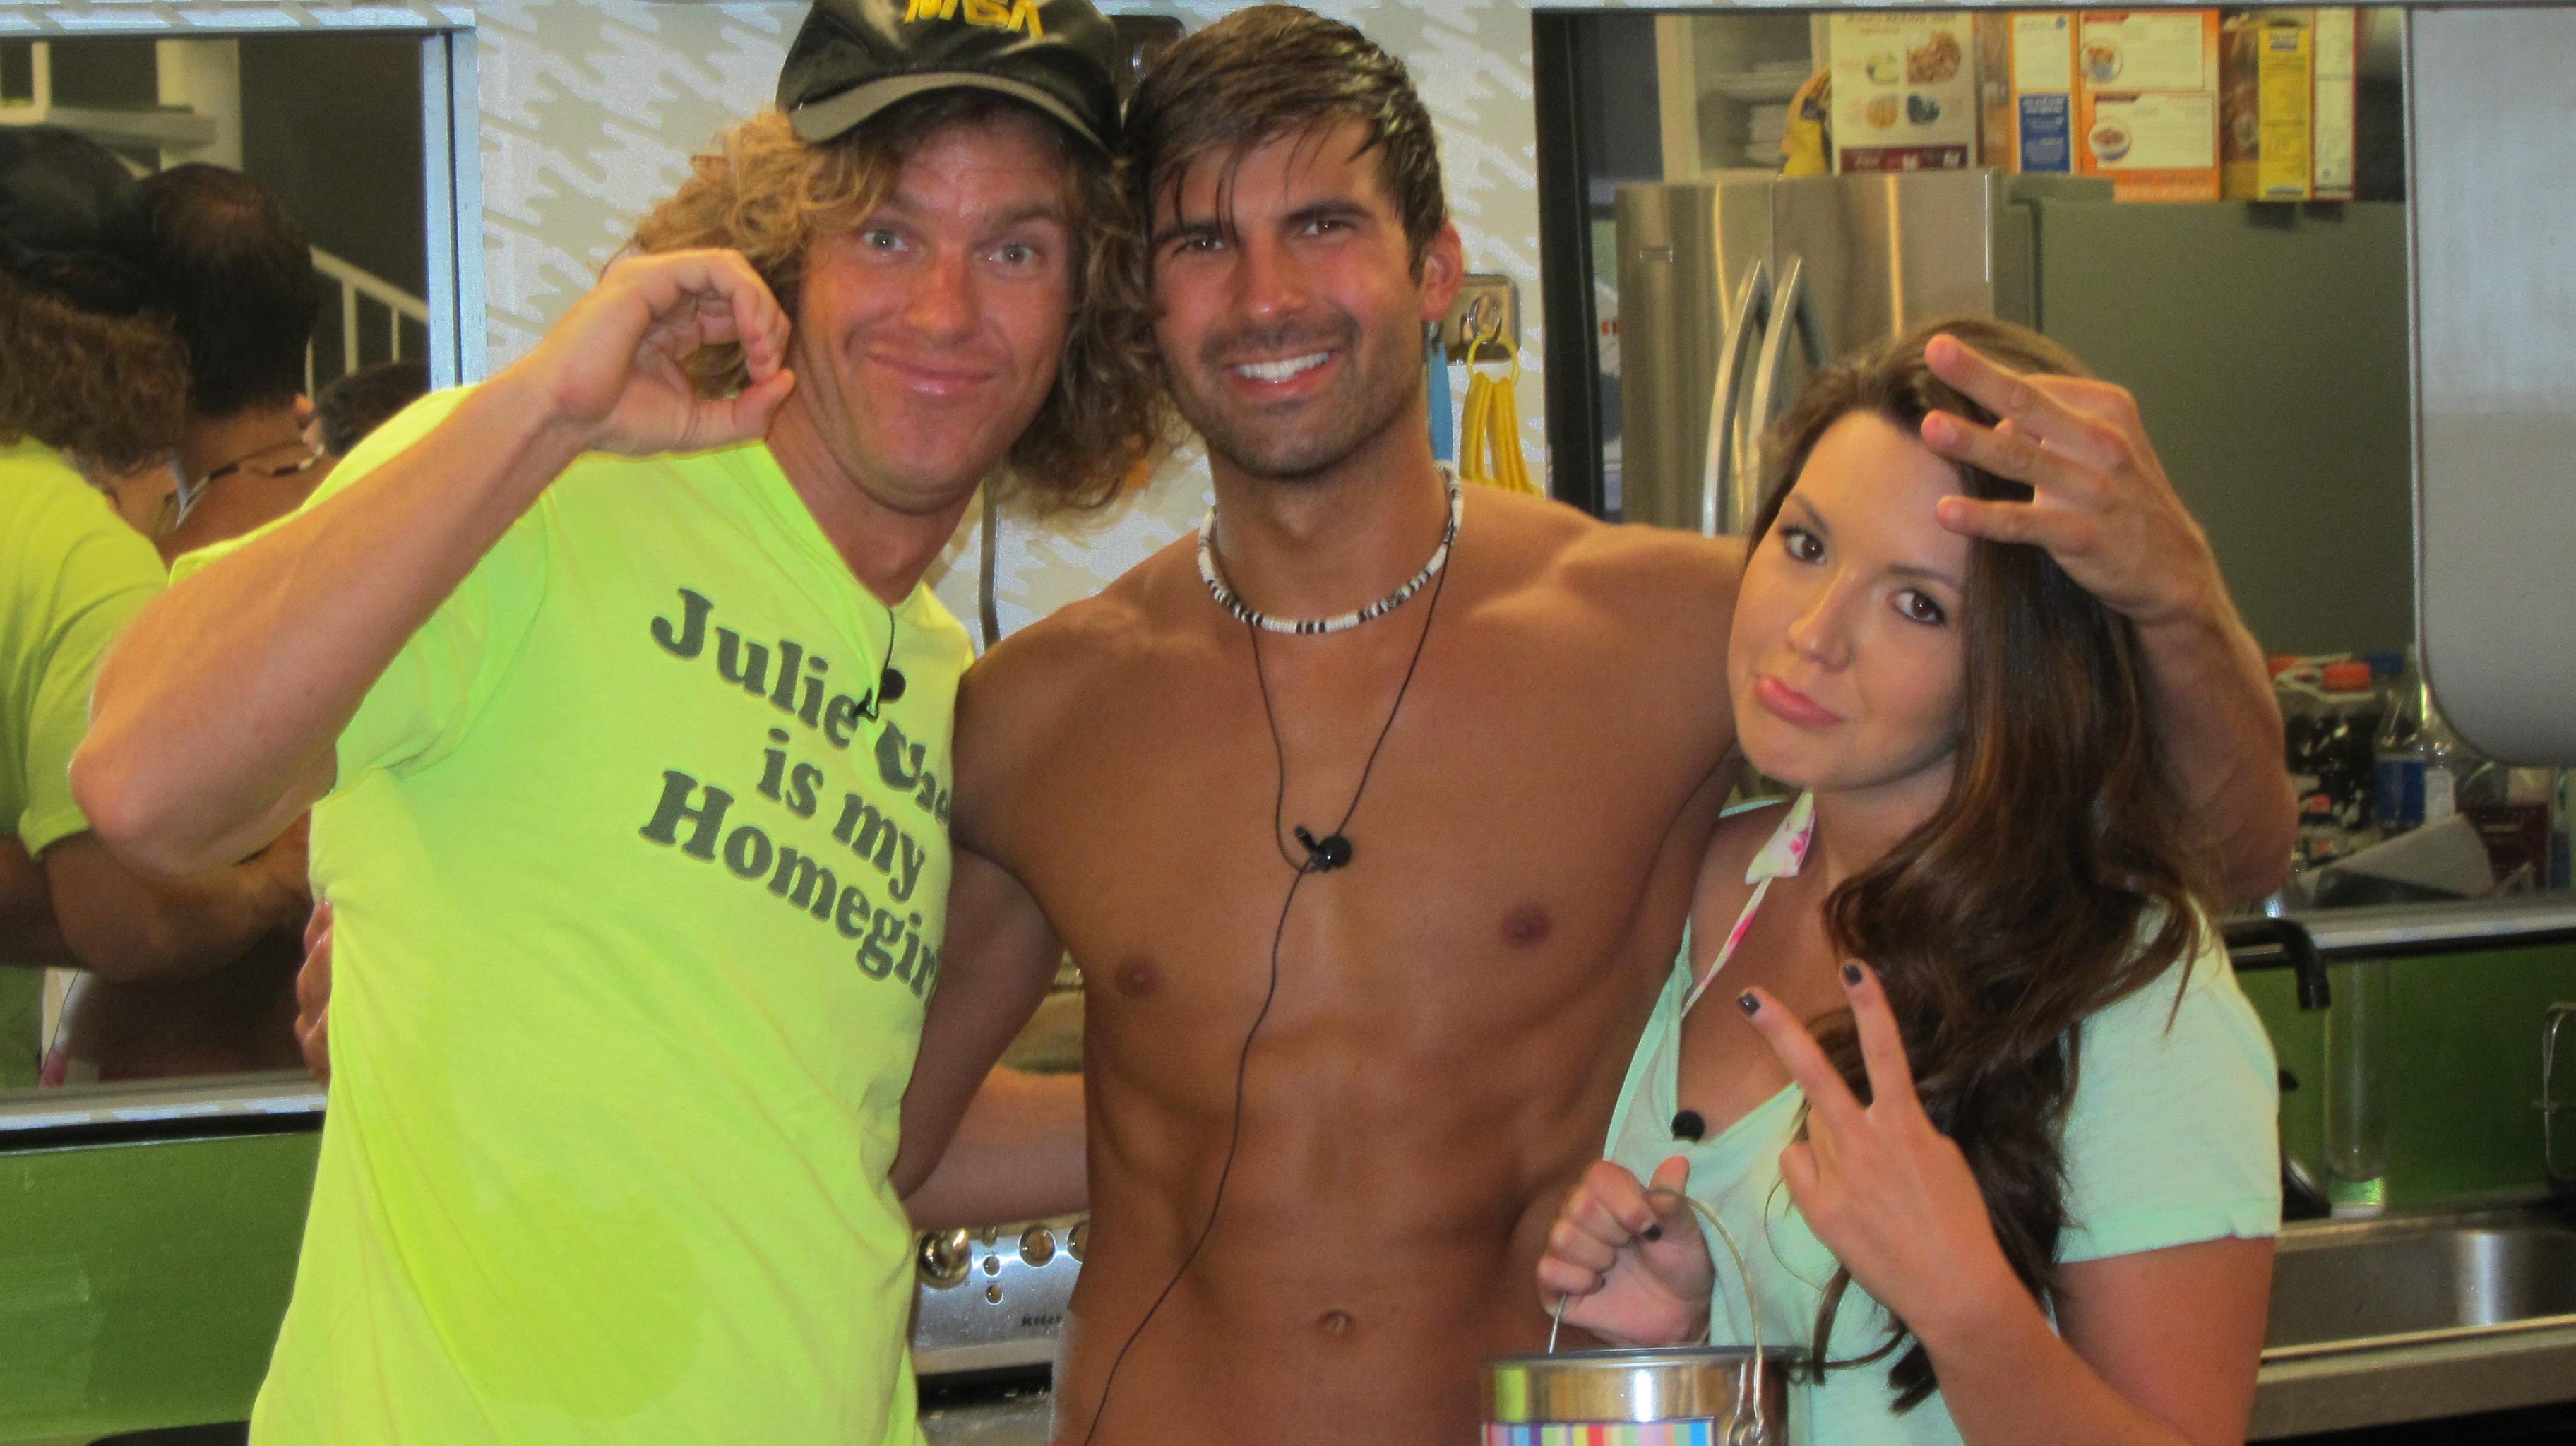 Frank, Shane and Danielle